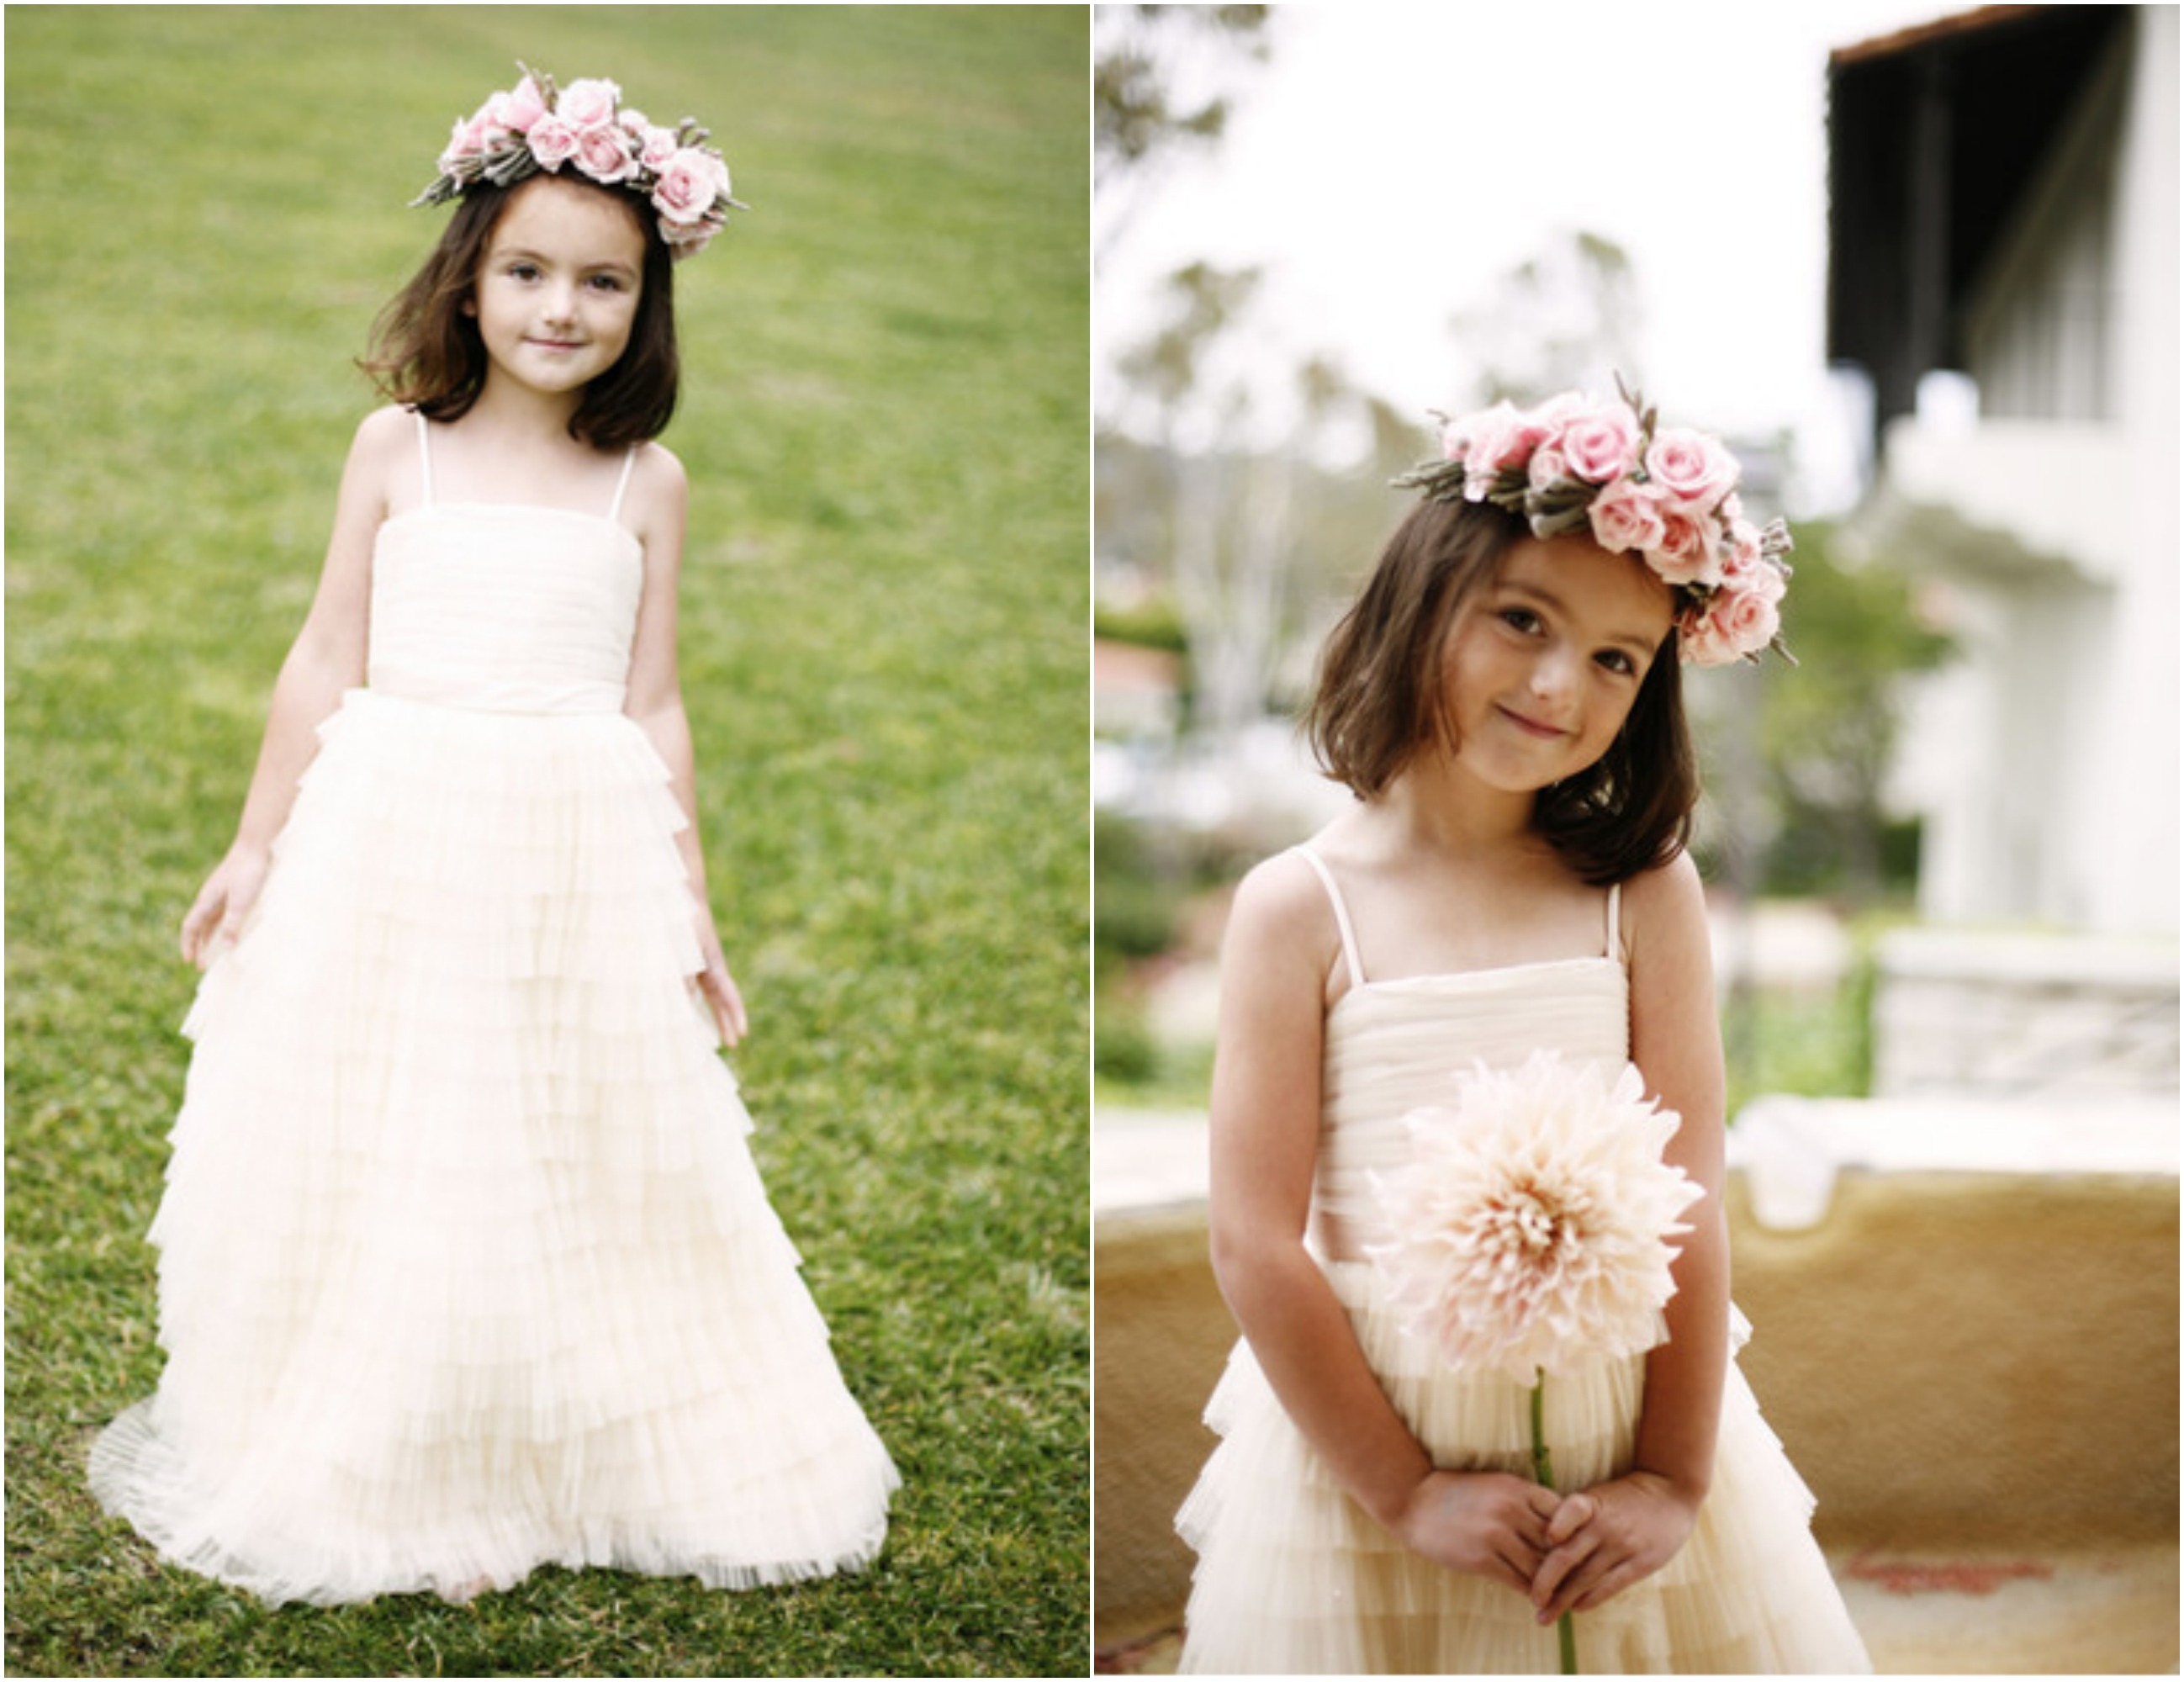 Flower Girl | #ccseventsrva #flowergirl #